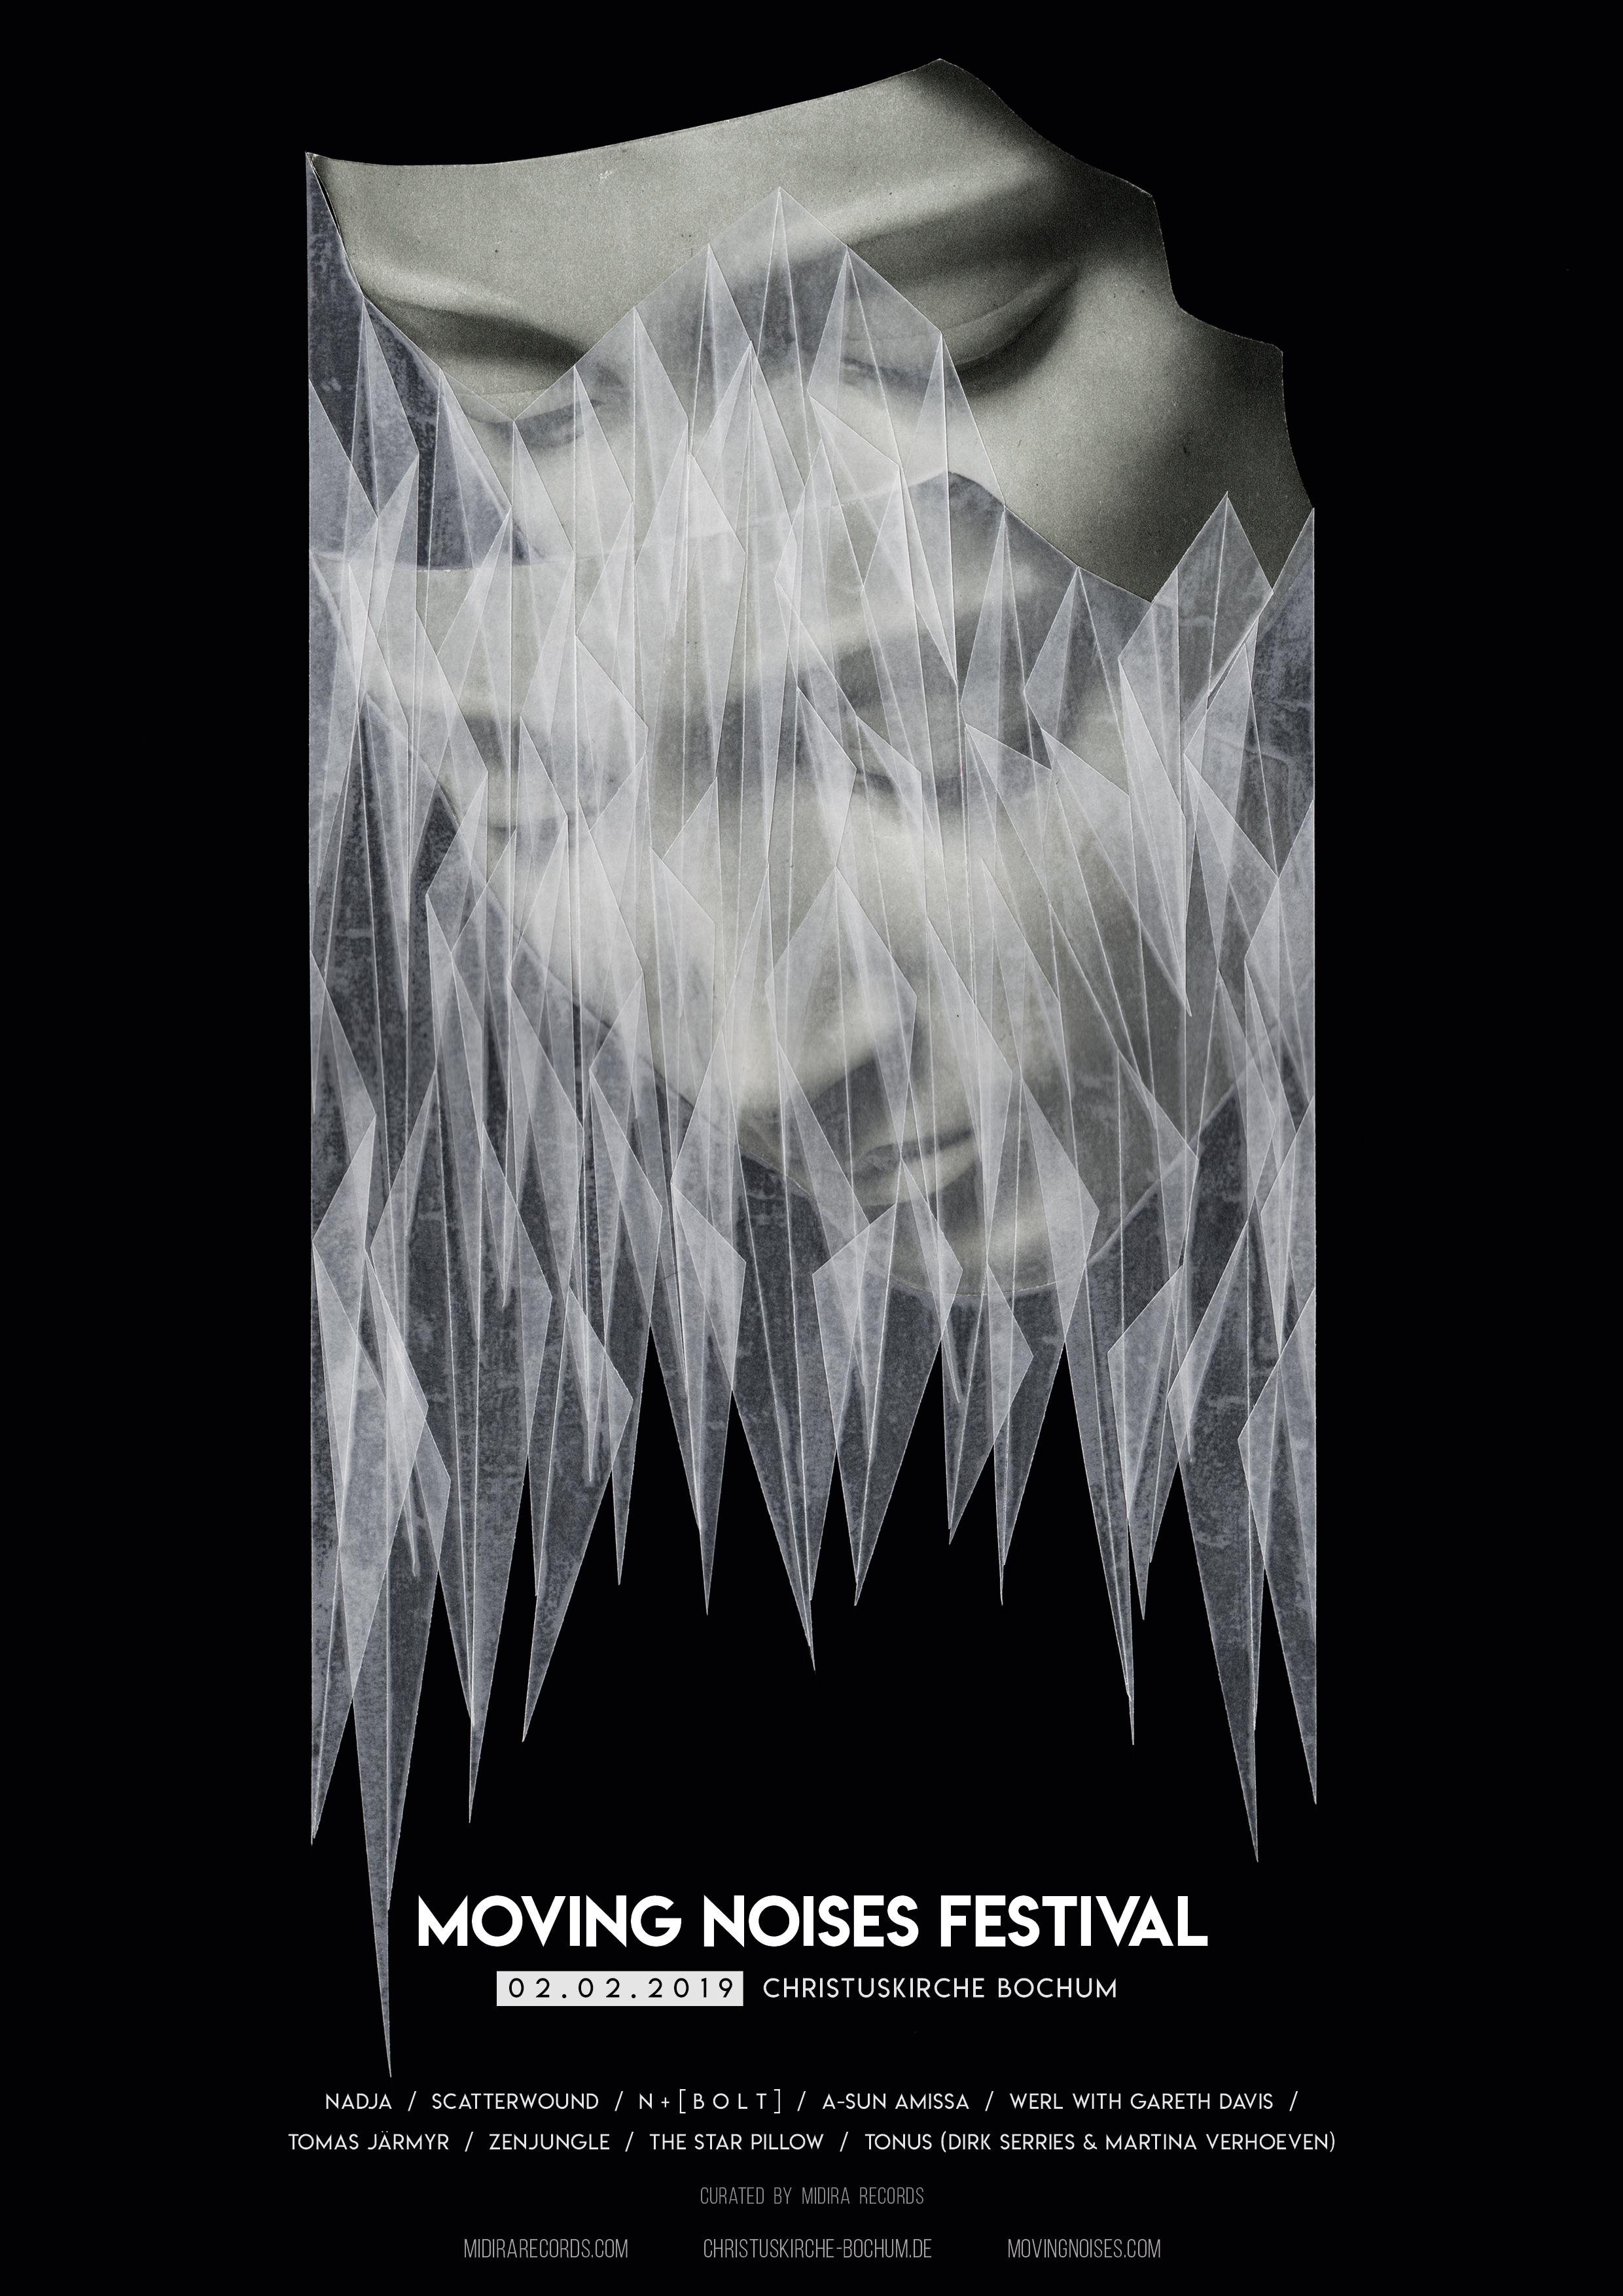 Moving_Noises_Festival_2019